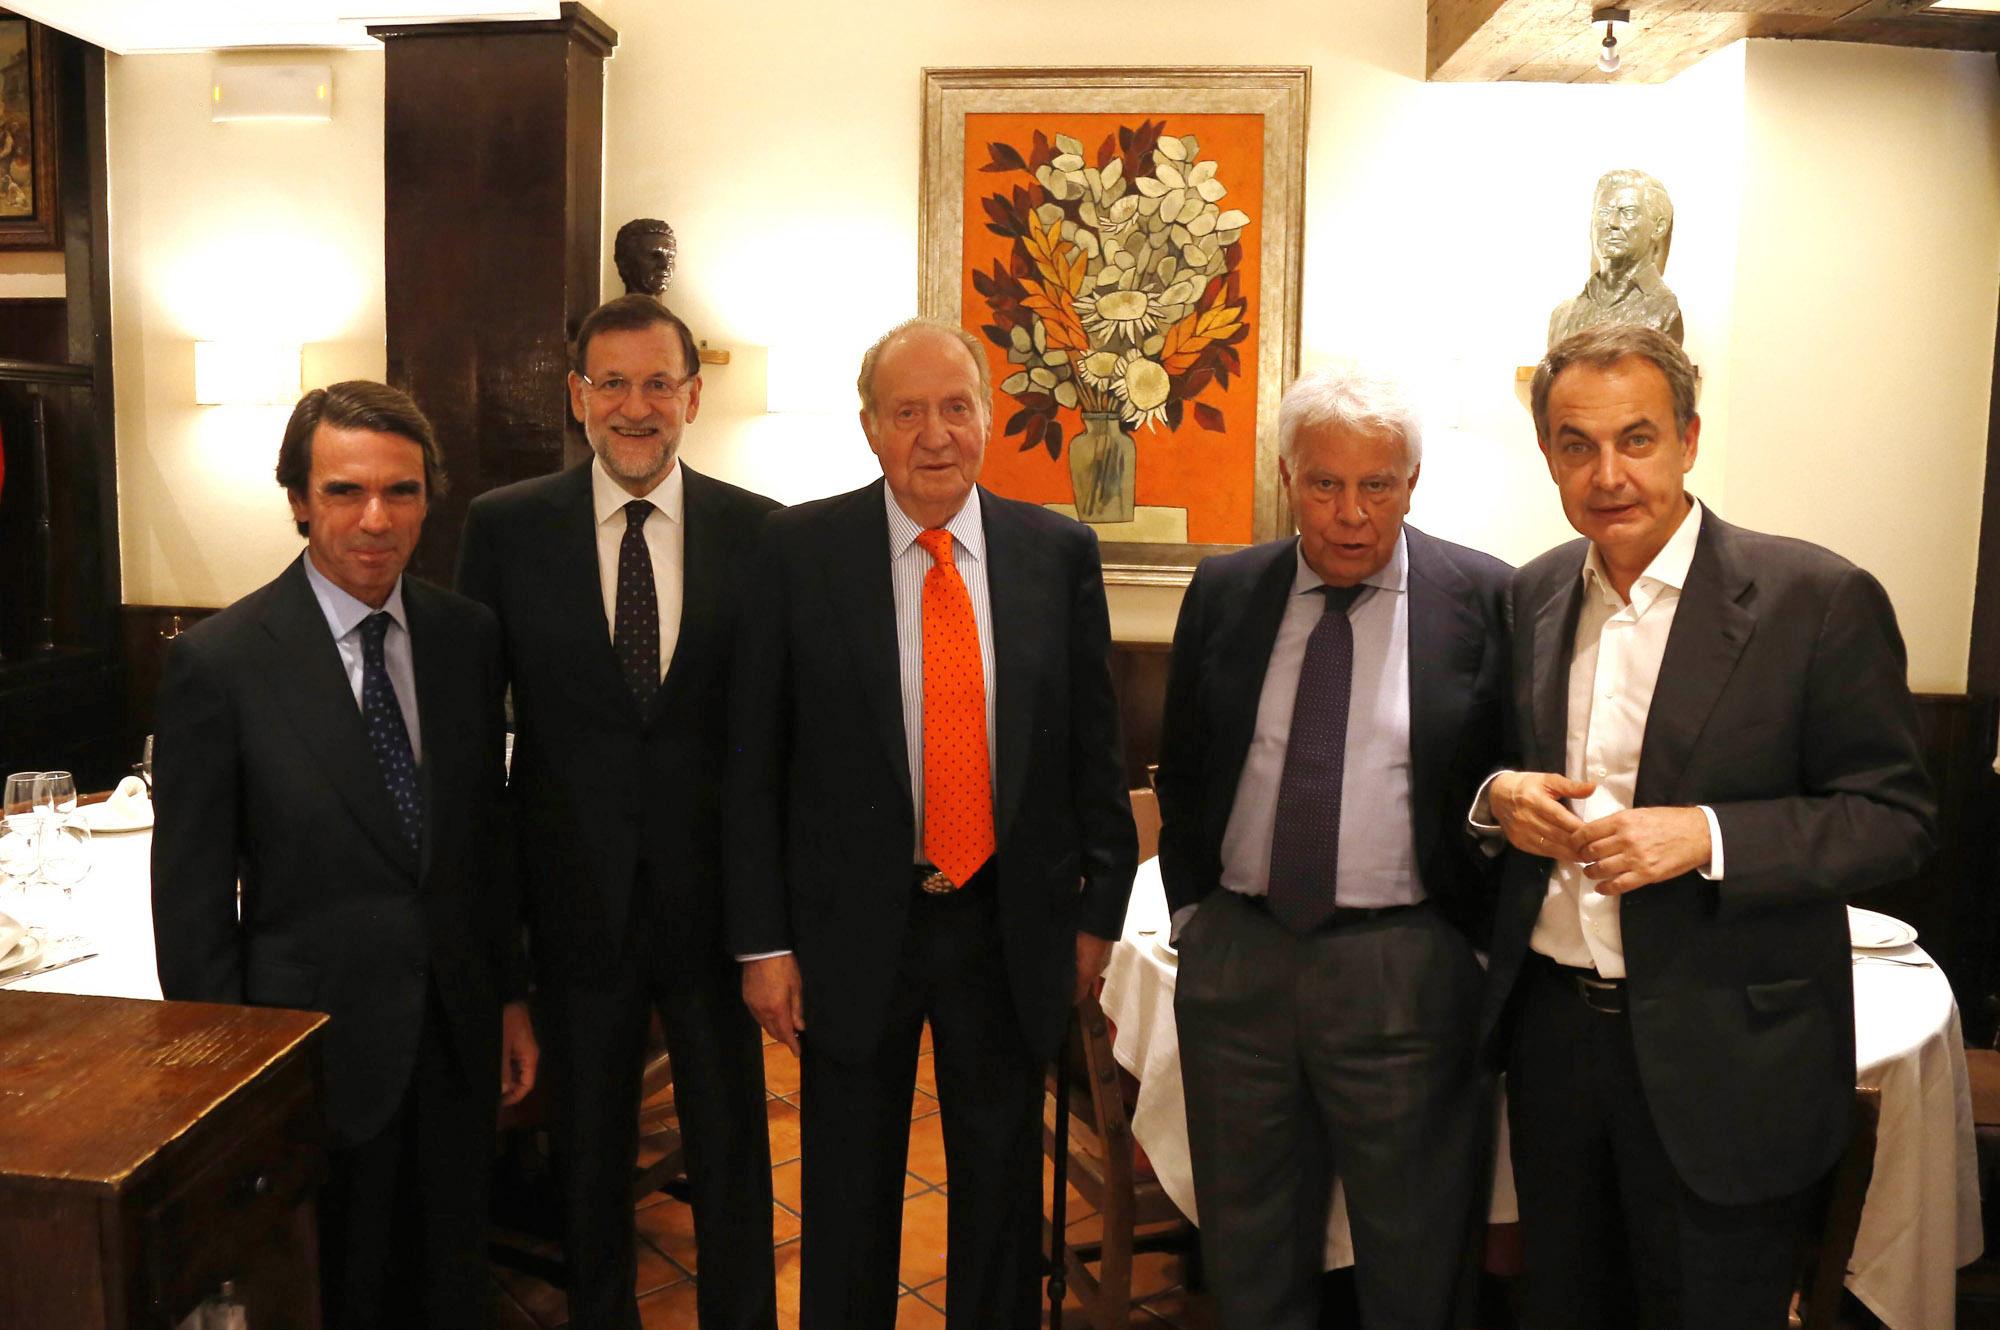 Fotografía de julio de 2015, del rey Juan Carlos, acompañado por el entonces presidente del Gobierno, Mariano Rajoy, y los expresidentes José María Aznar, Felipe González y José Luis Rodriguez Zapatero, durante una cena privada en un conocido restaurante madrileño. EFE